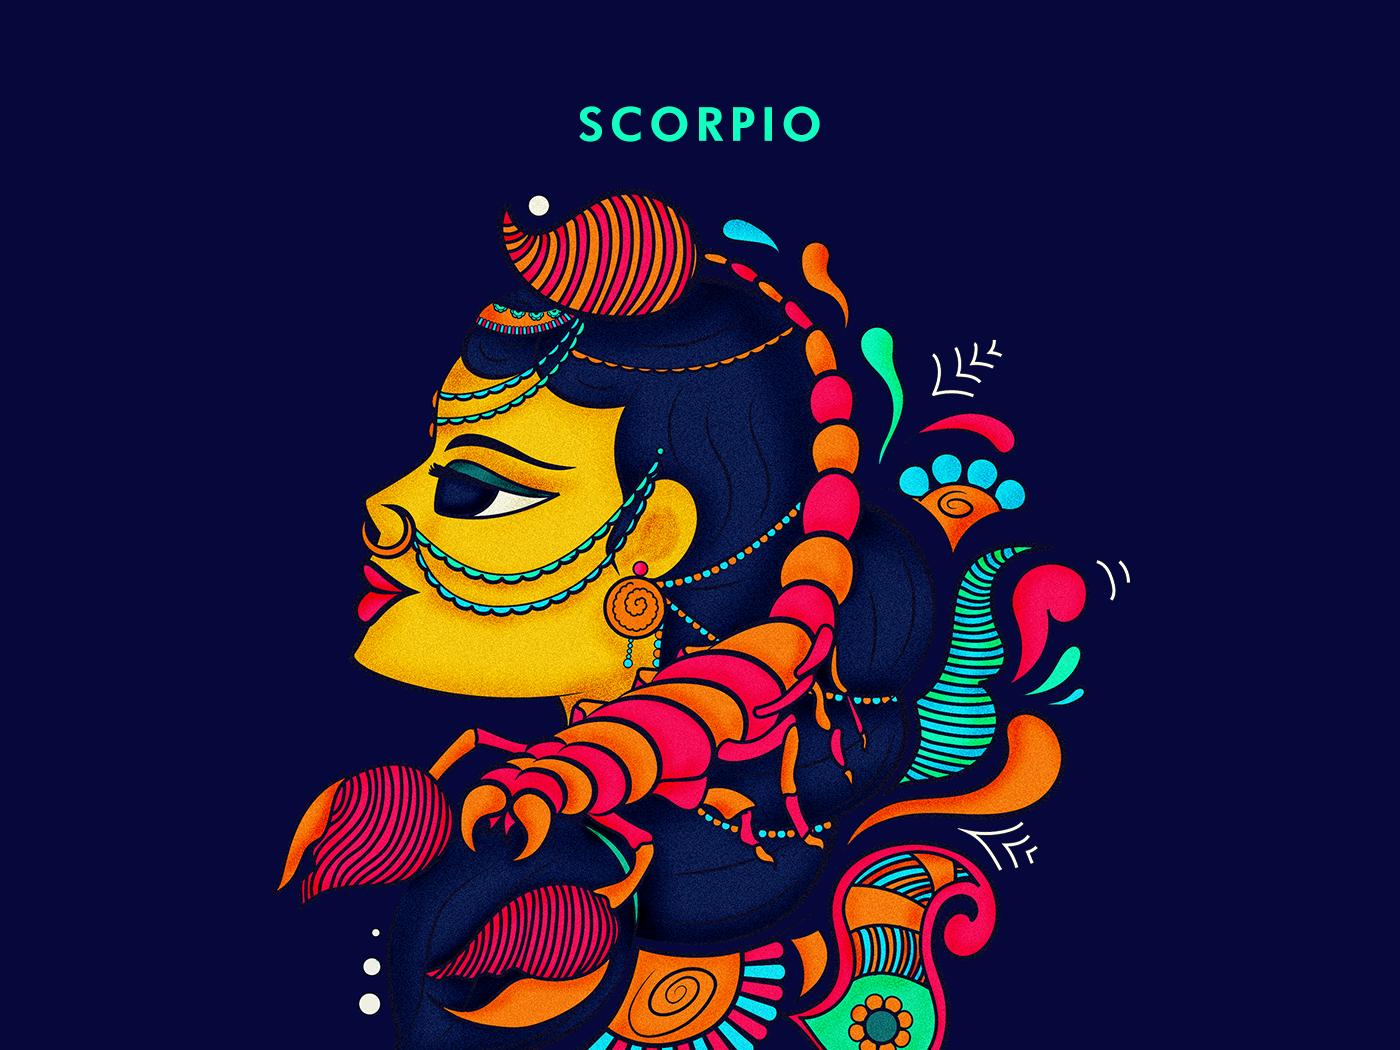 Scorpio desi vector zodiac stickers sticker illustration